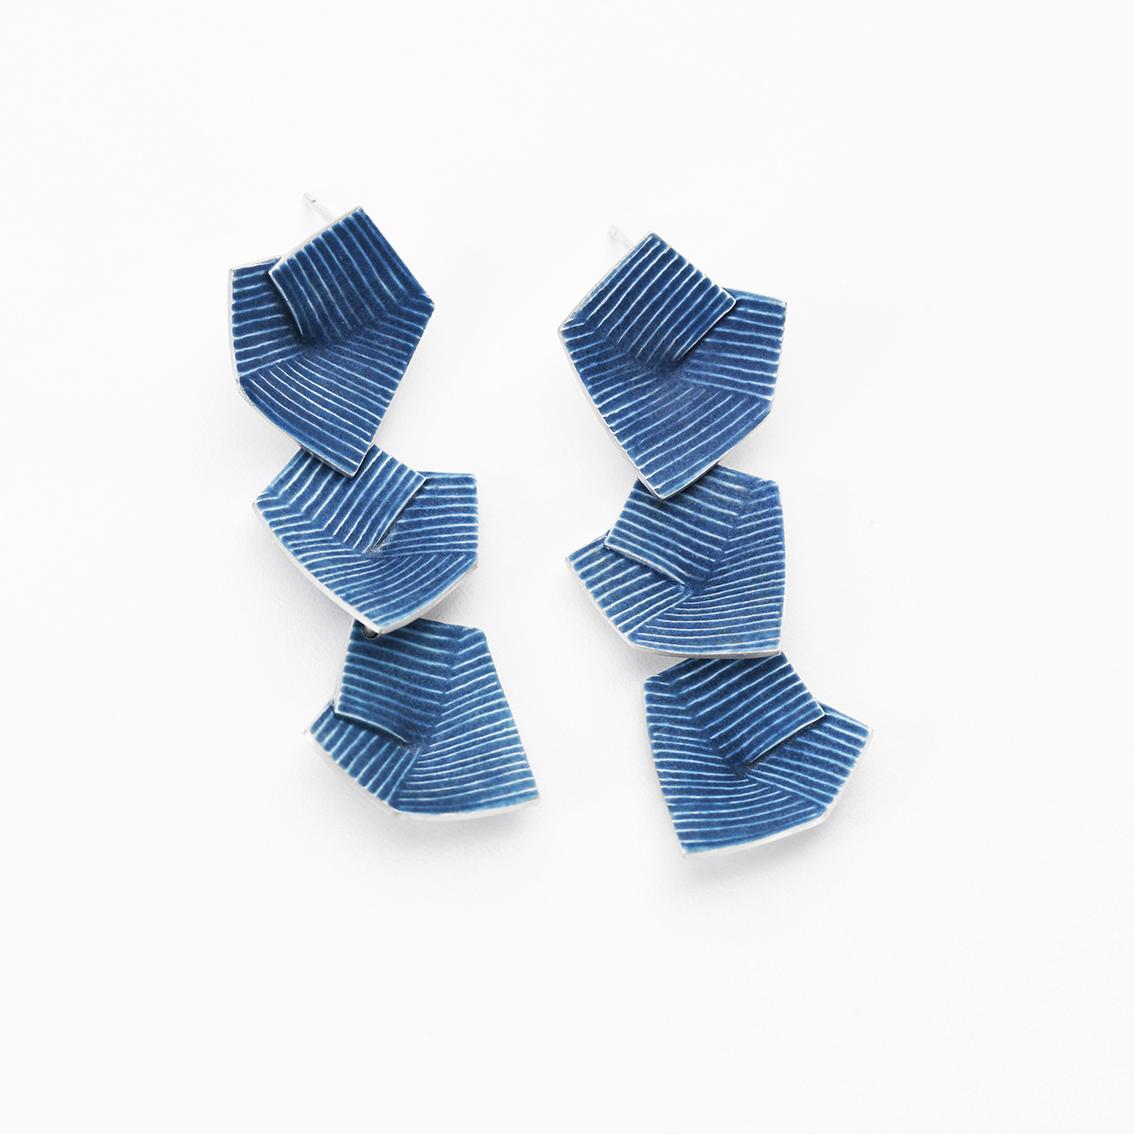 'Lines in Motion' Earrings